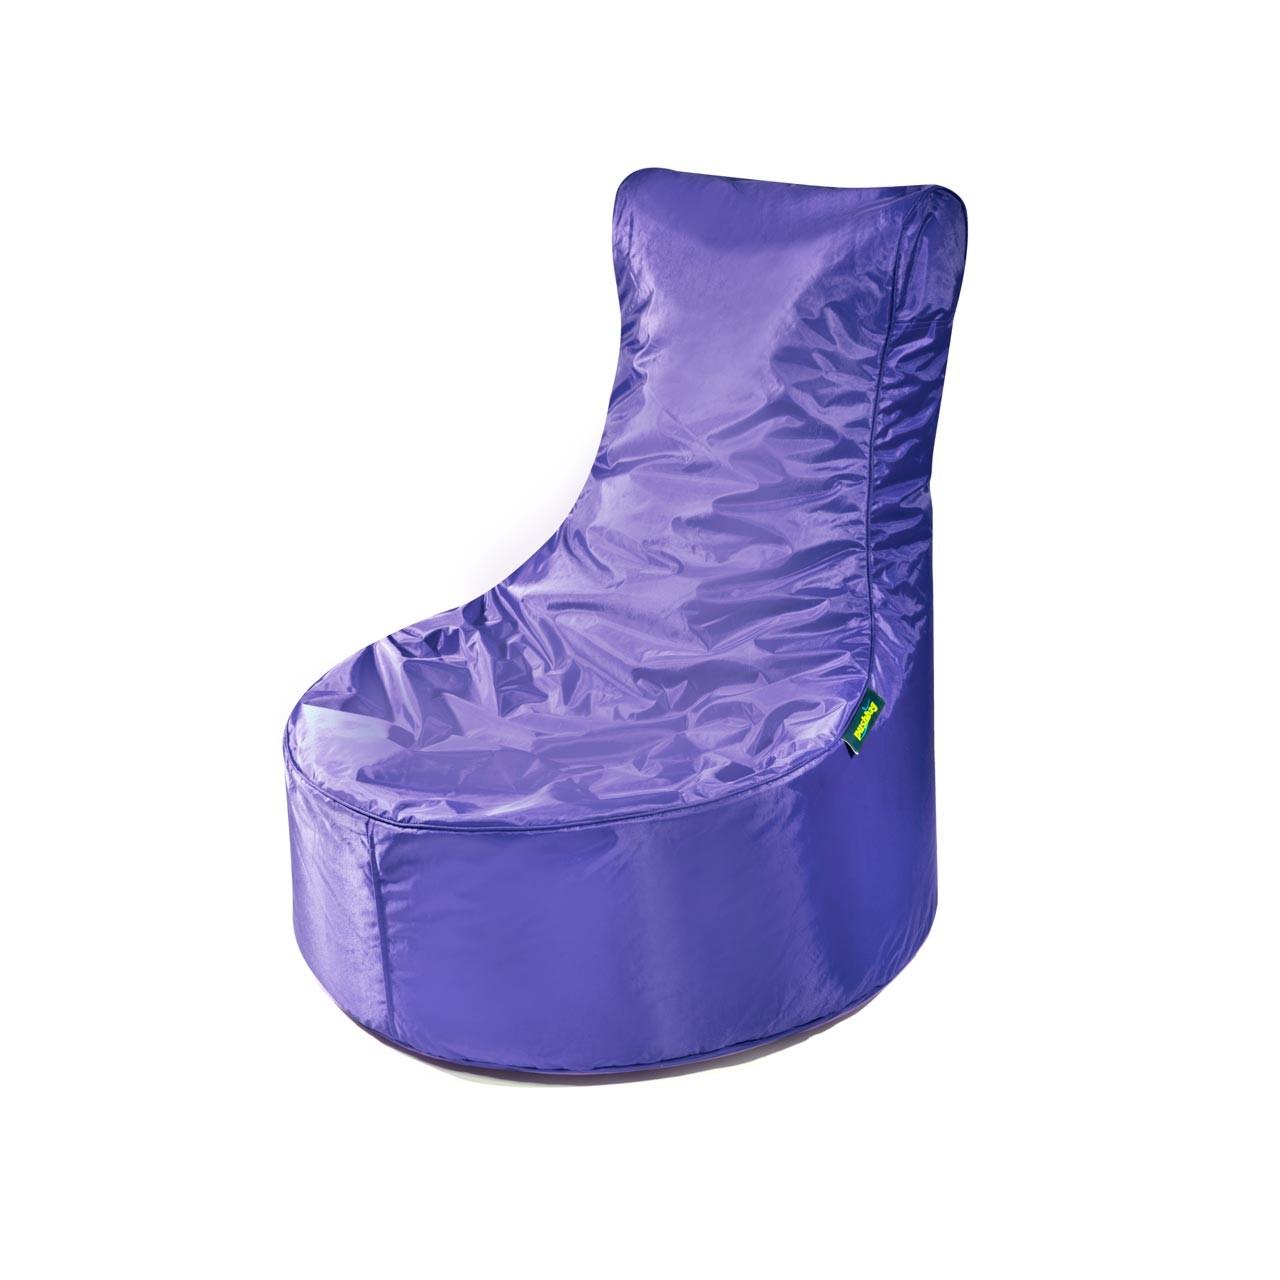 Pushbag Indoor Sitzsack Seat 11-SEA-OX-purple oxford purple